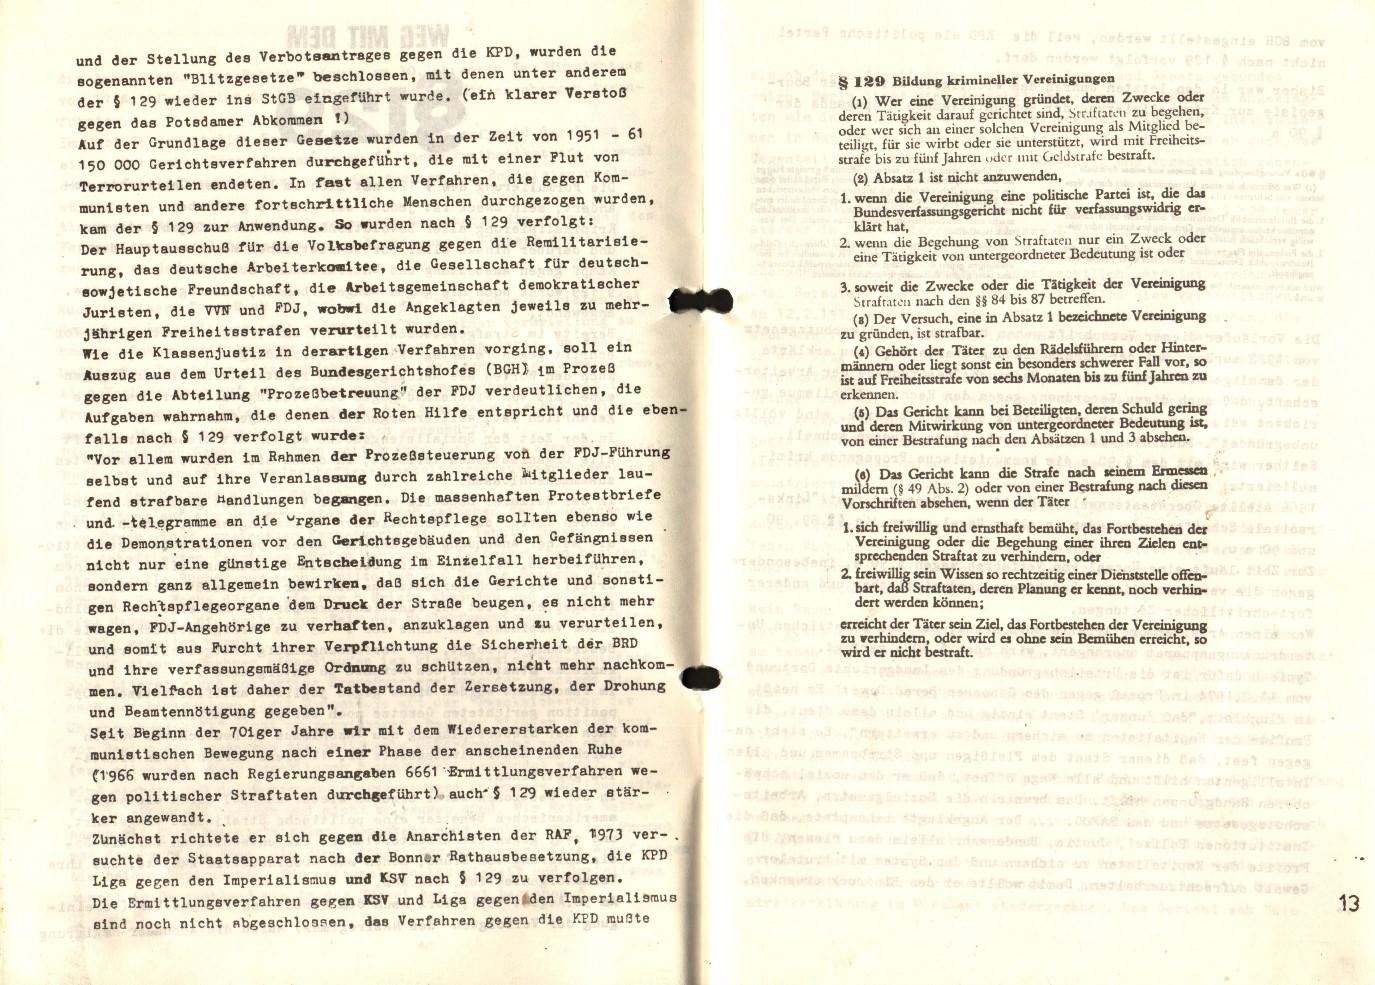 NRW_Rote_Hilfe_1975_Sofortige_Freilassung_der_tuerkischen_Patrioten_08